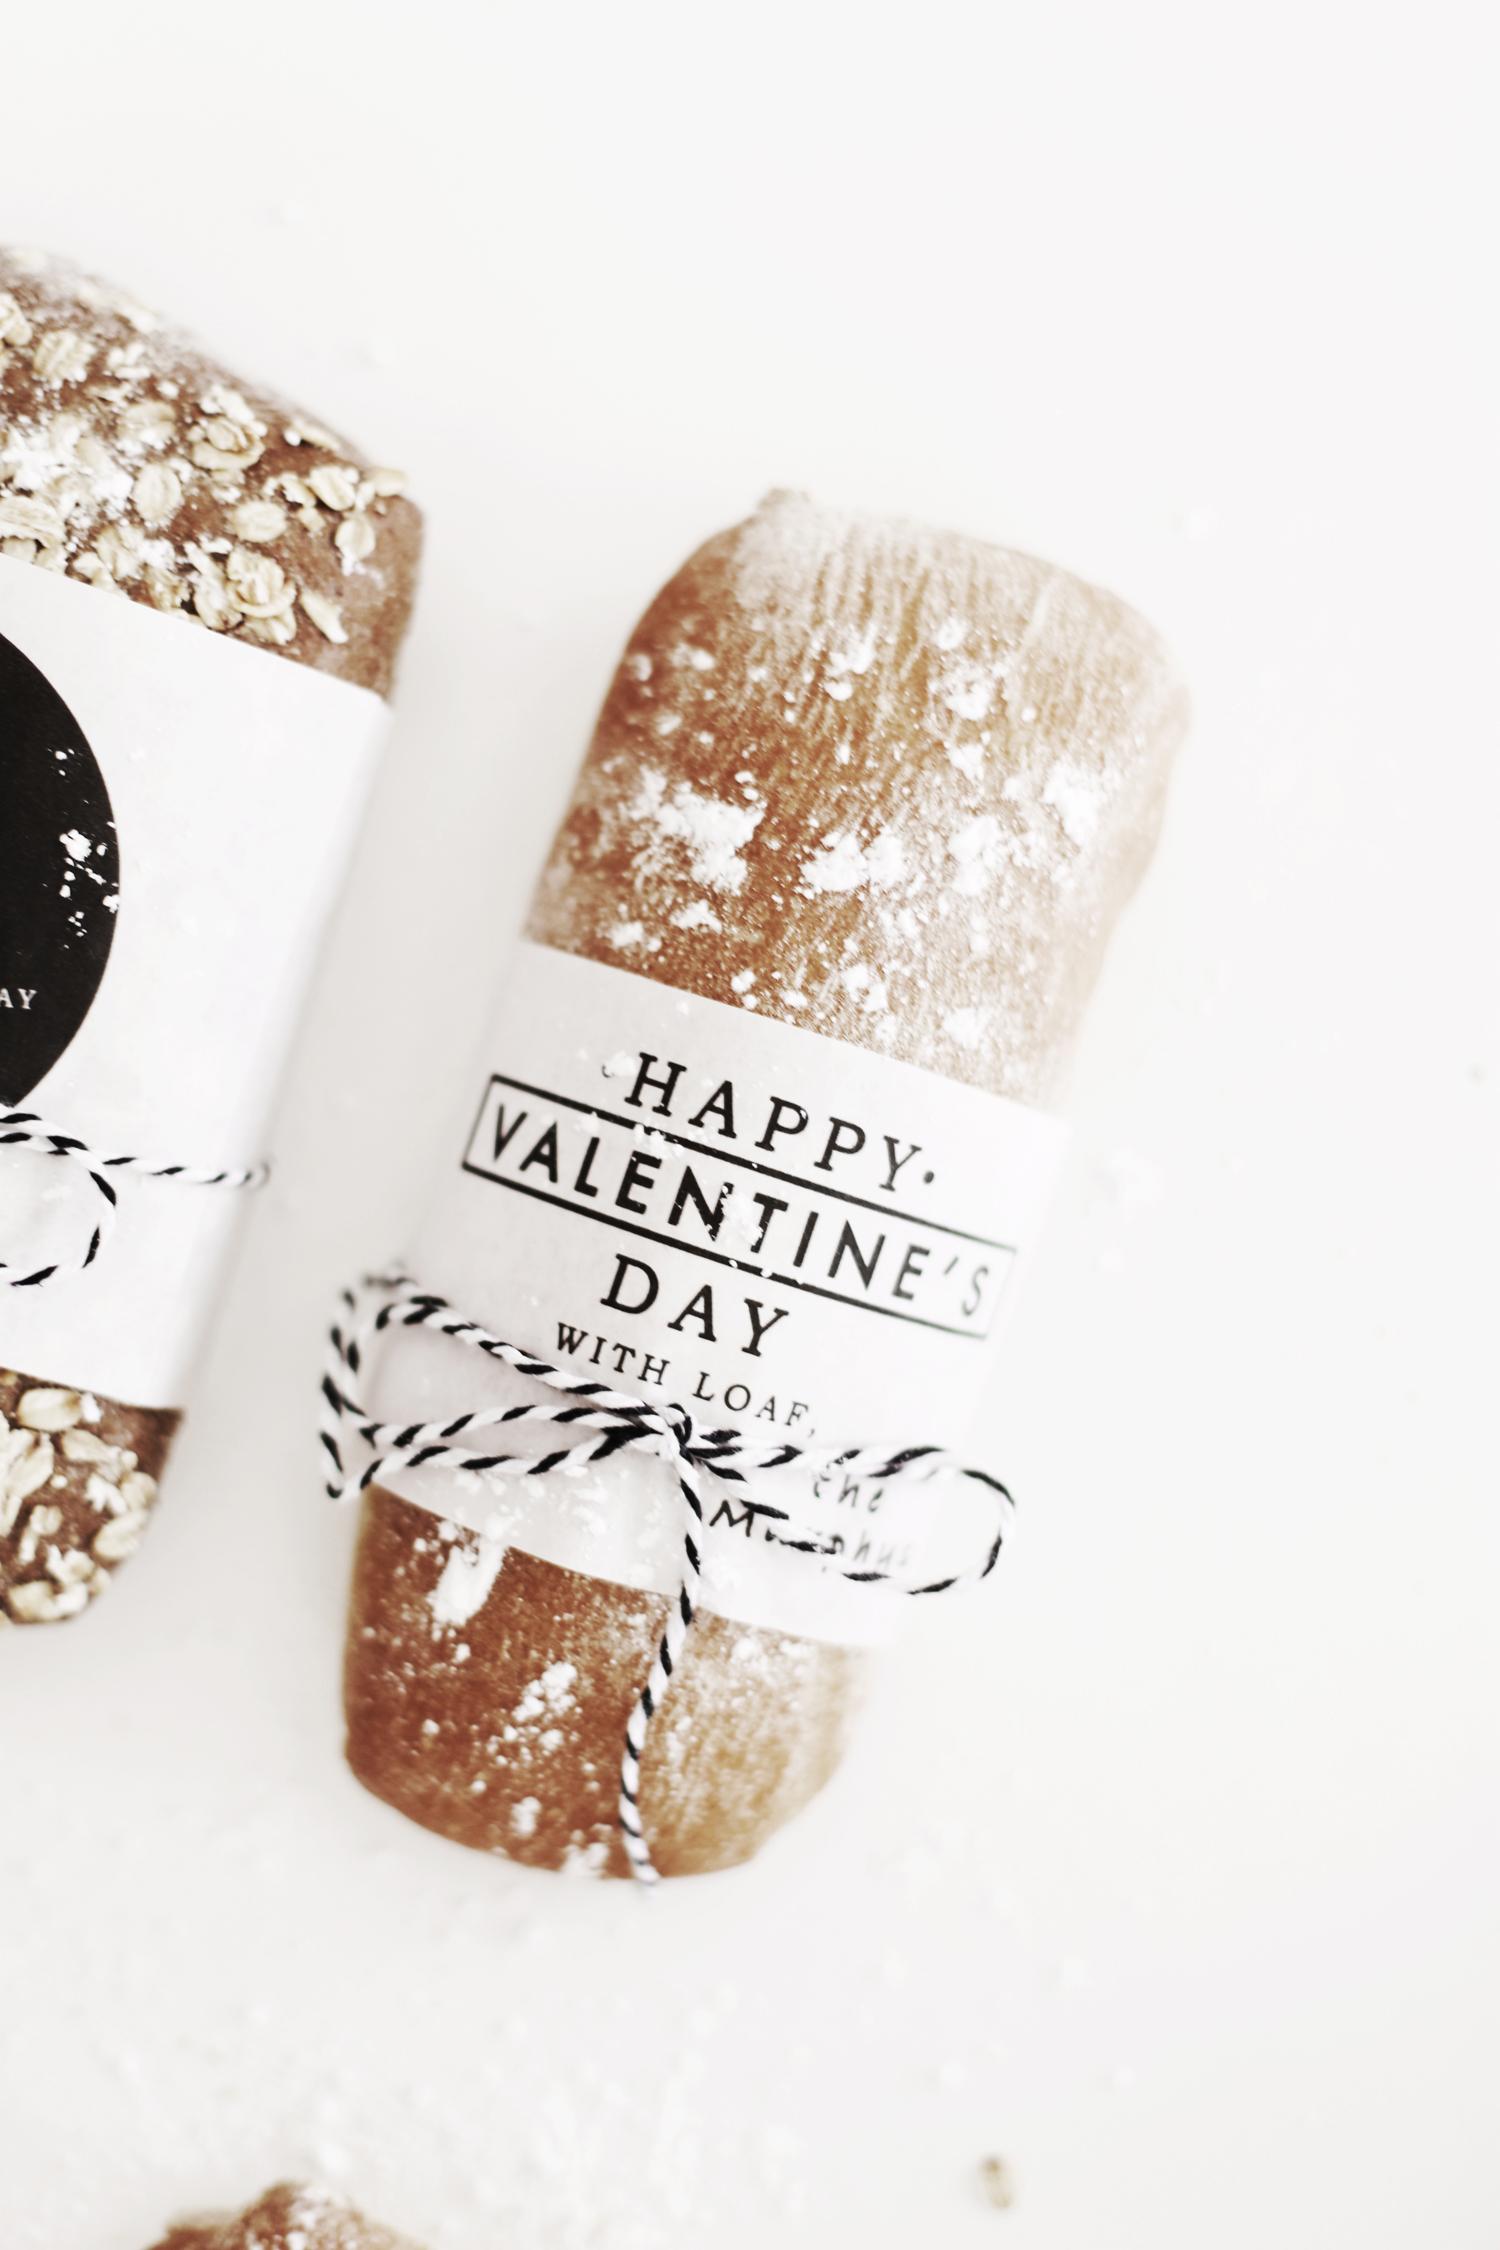 Valentine's Day bread gift